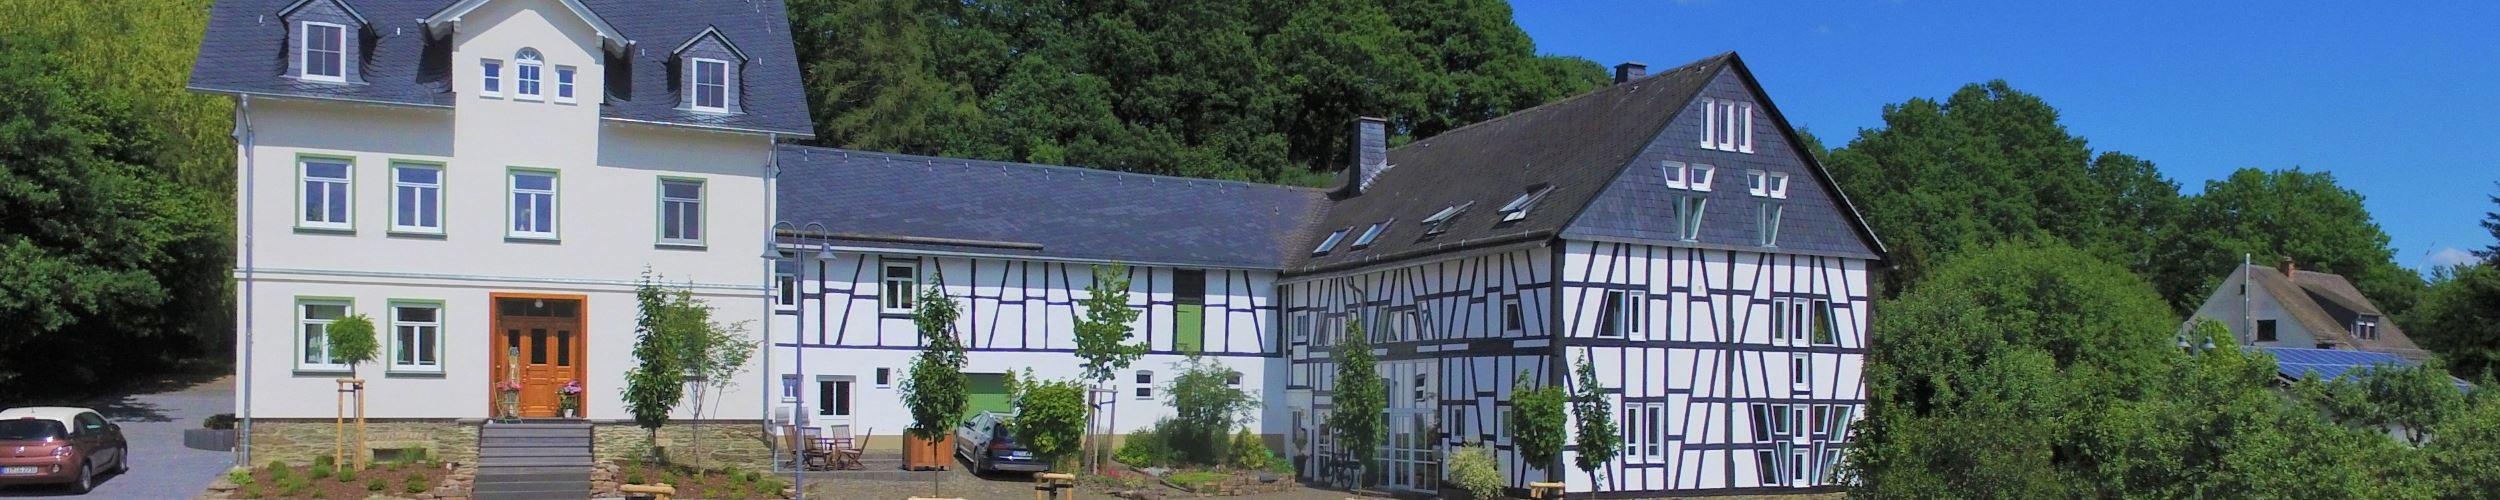 Gemeinde Neuerkirch